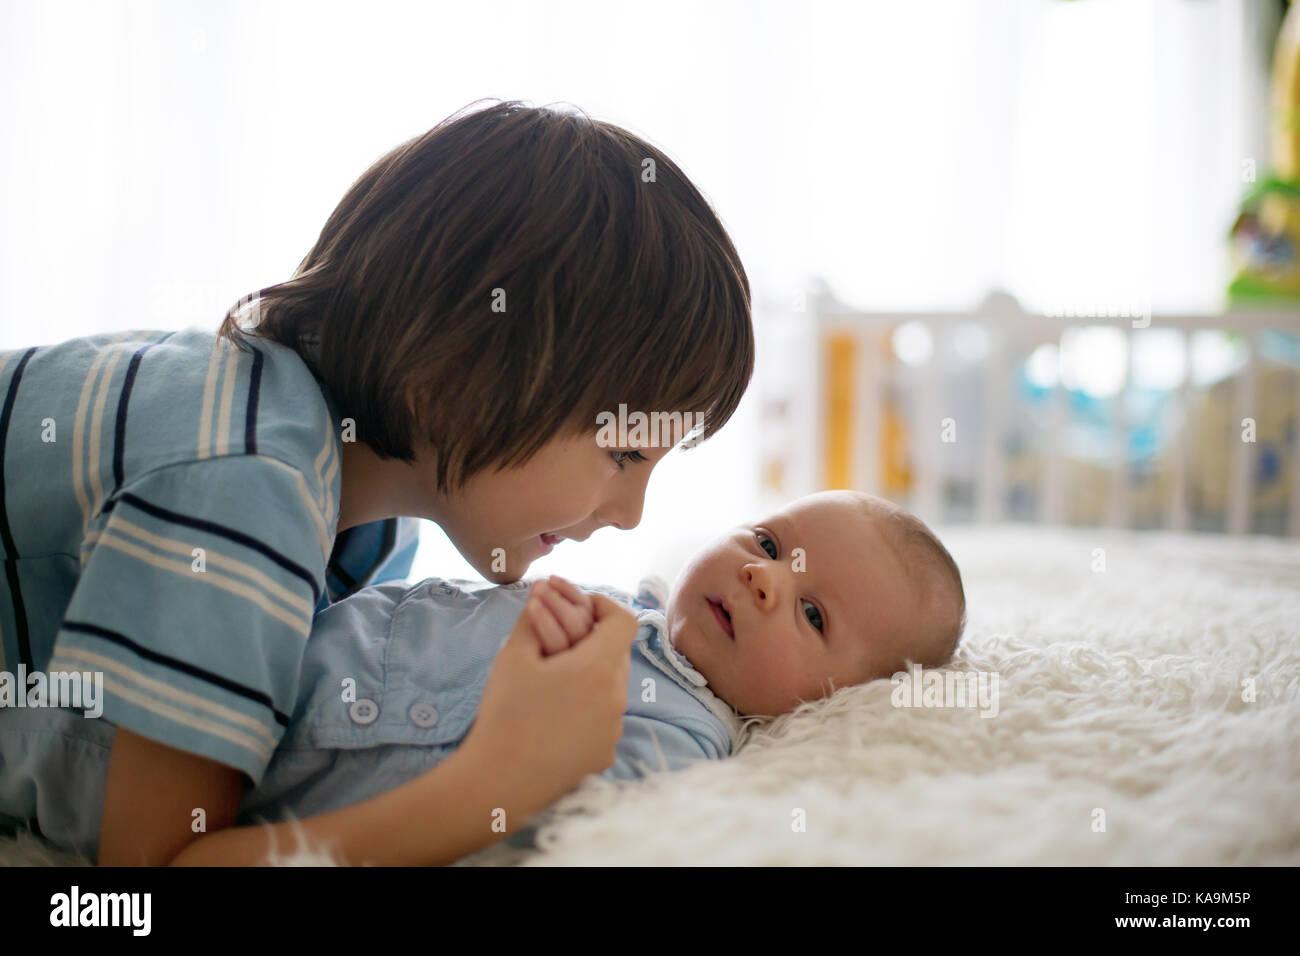 Hermoso muchacho, abrazando con ternura y el cuidado de su bebé recién nacido hermano en casa. La familia Imagen De Stock